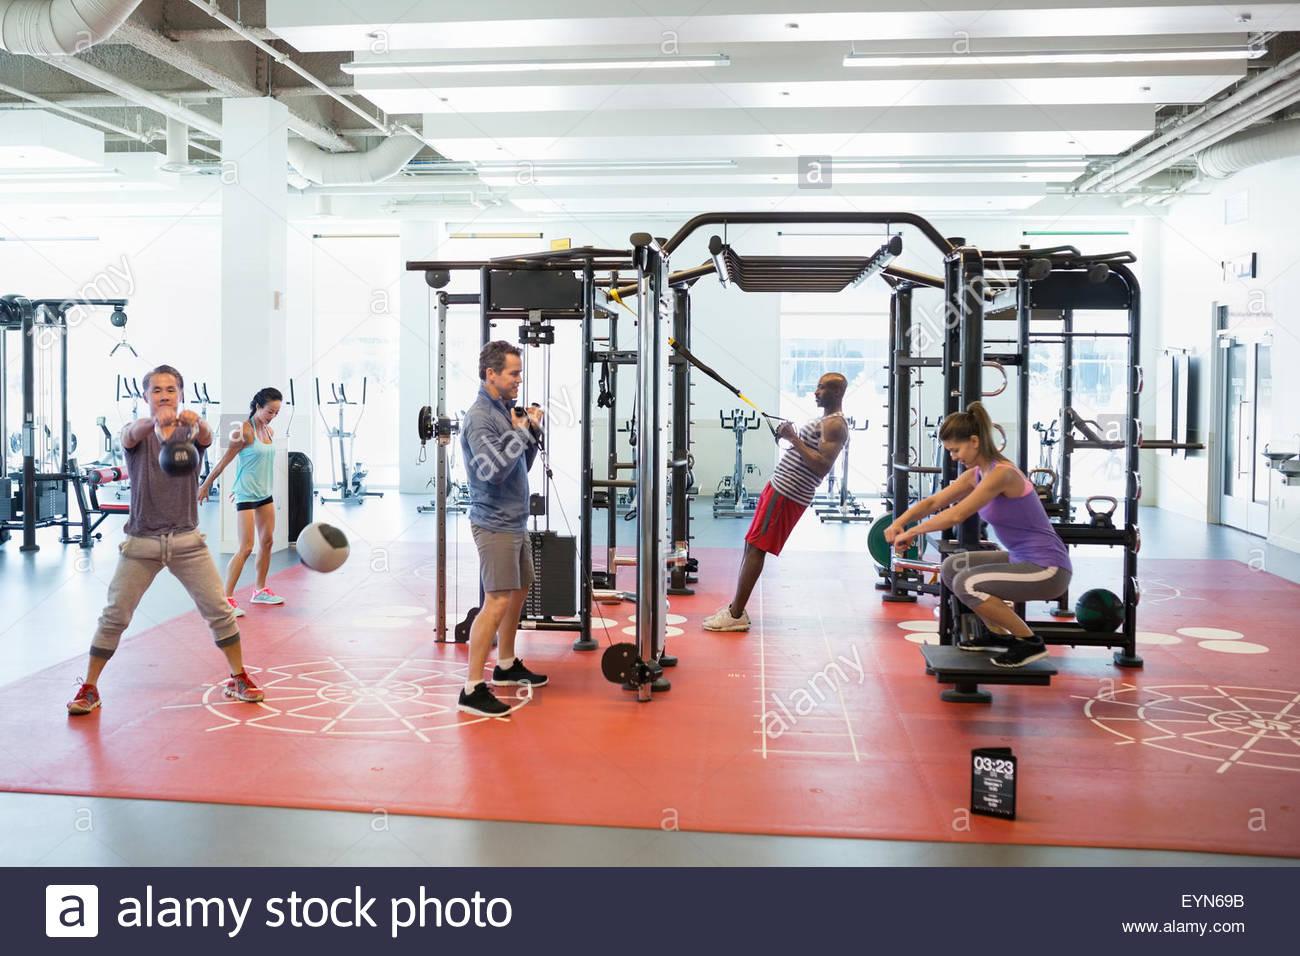 Las personas haciendo ejercicio en el gimnasio Imagen De Stock